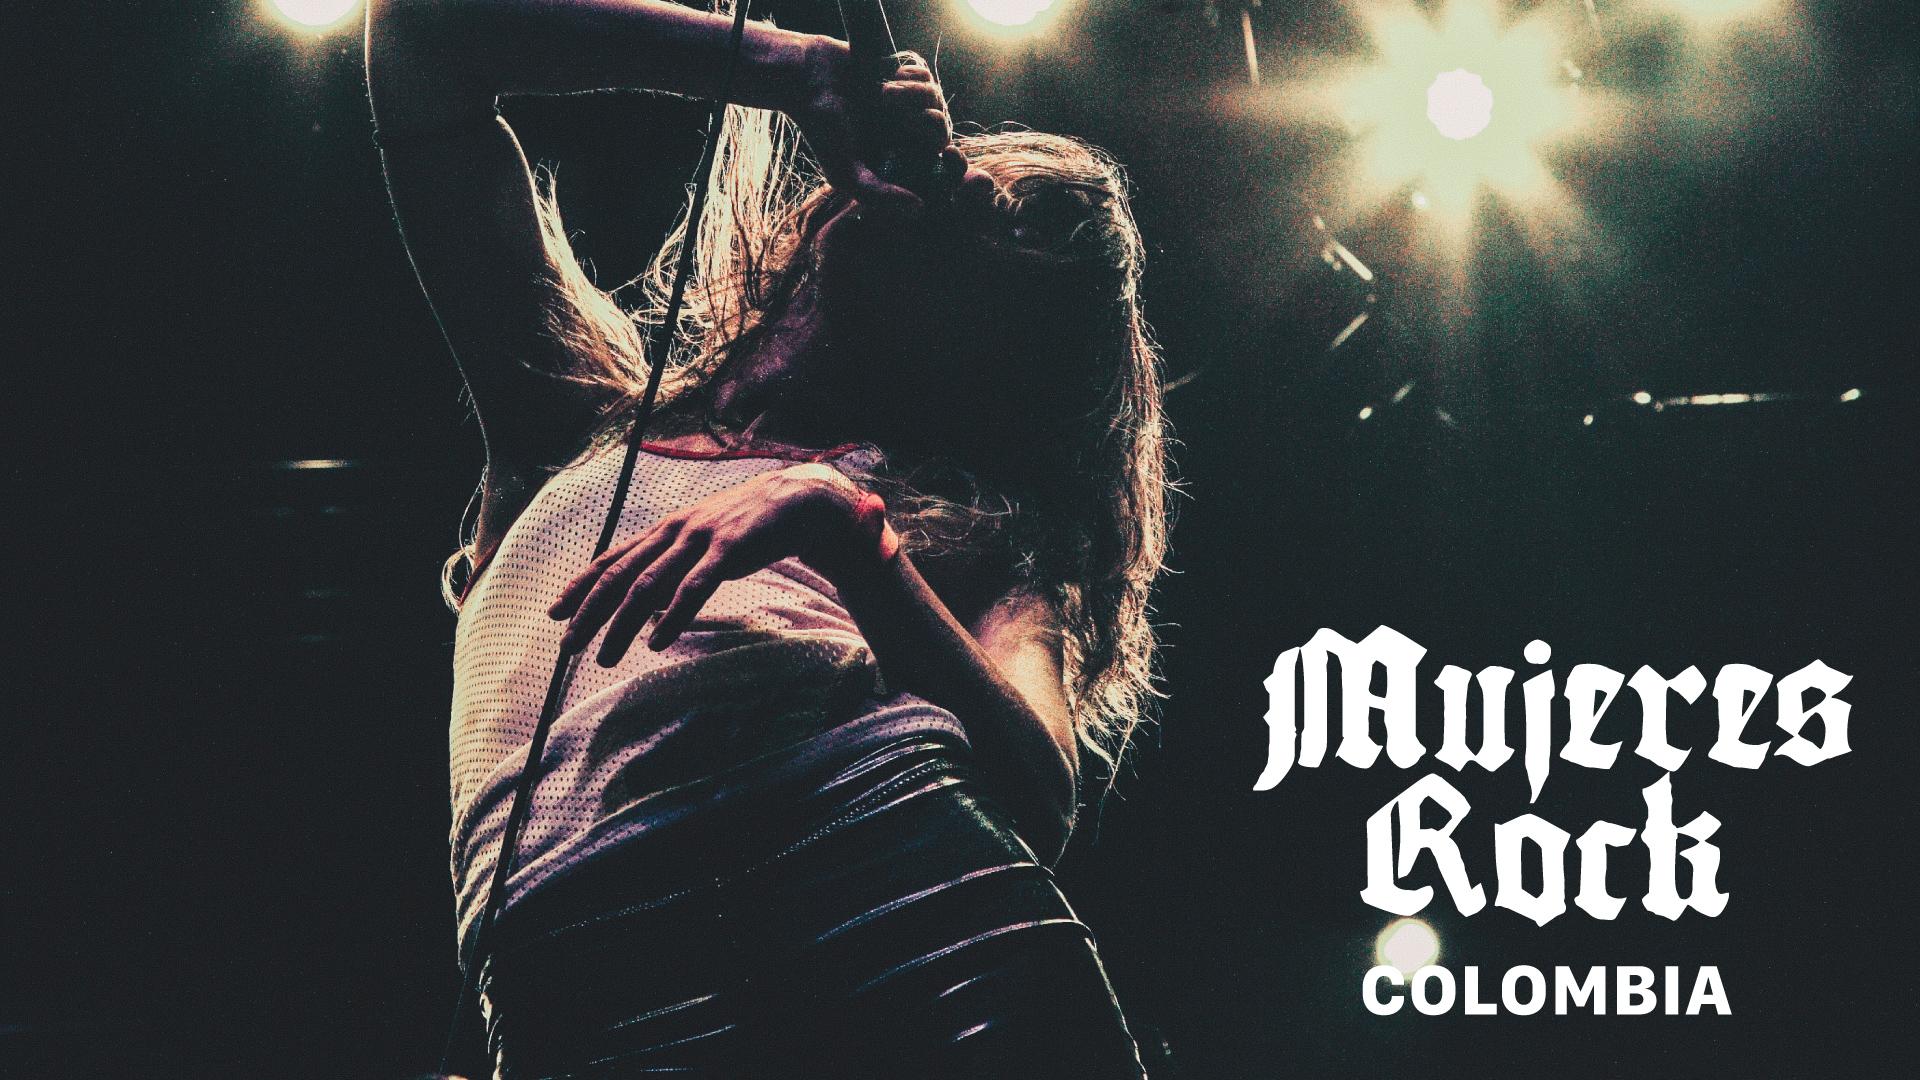 Mujeres Rock Colombia, un playlist de Tropical Punk Records